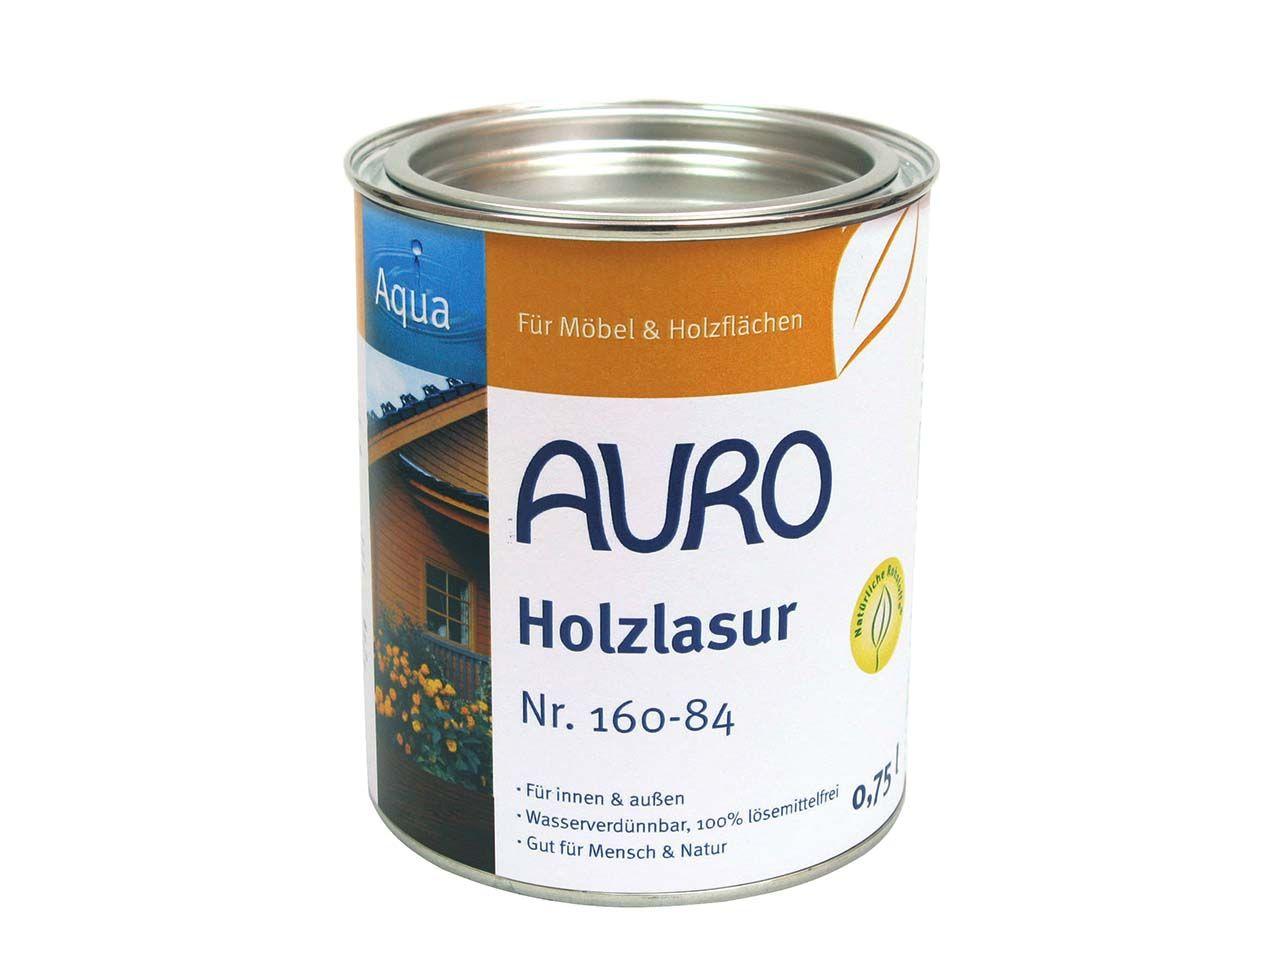 AURO Holzlasur farblos 0,75 l 1603700000